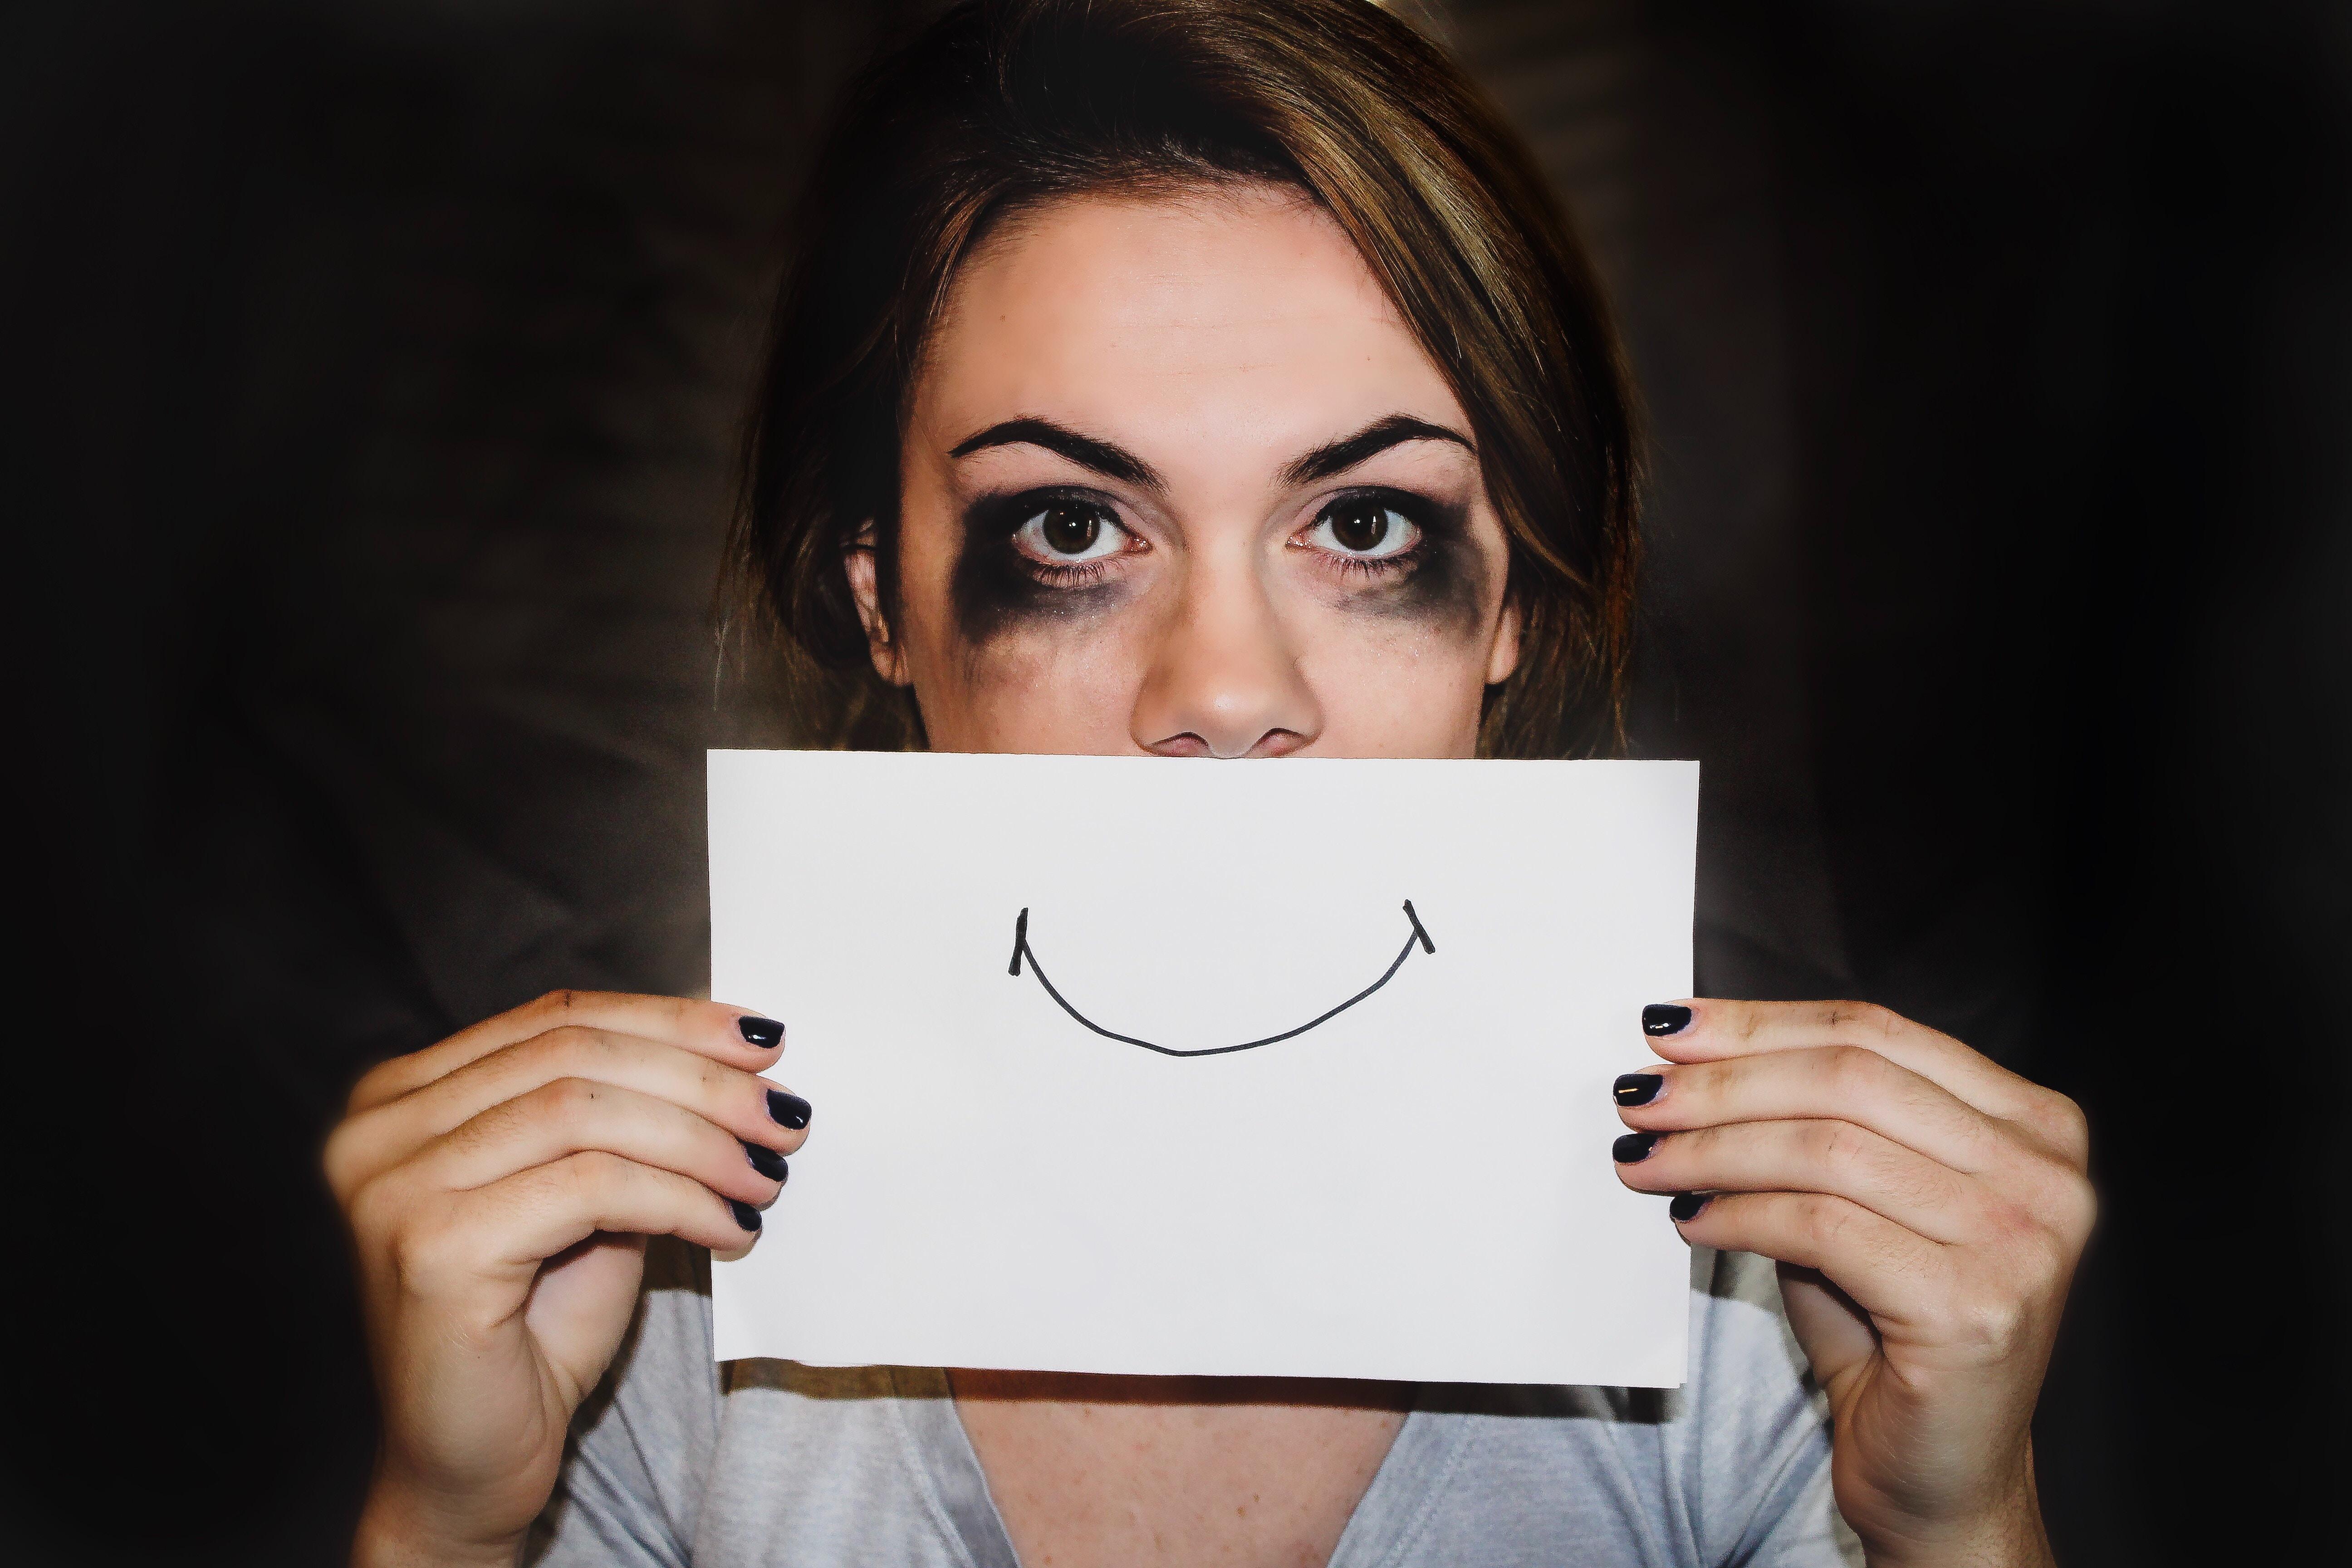 Desarrolla-inteligencia-emocional